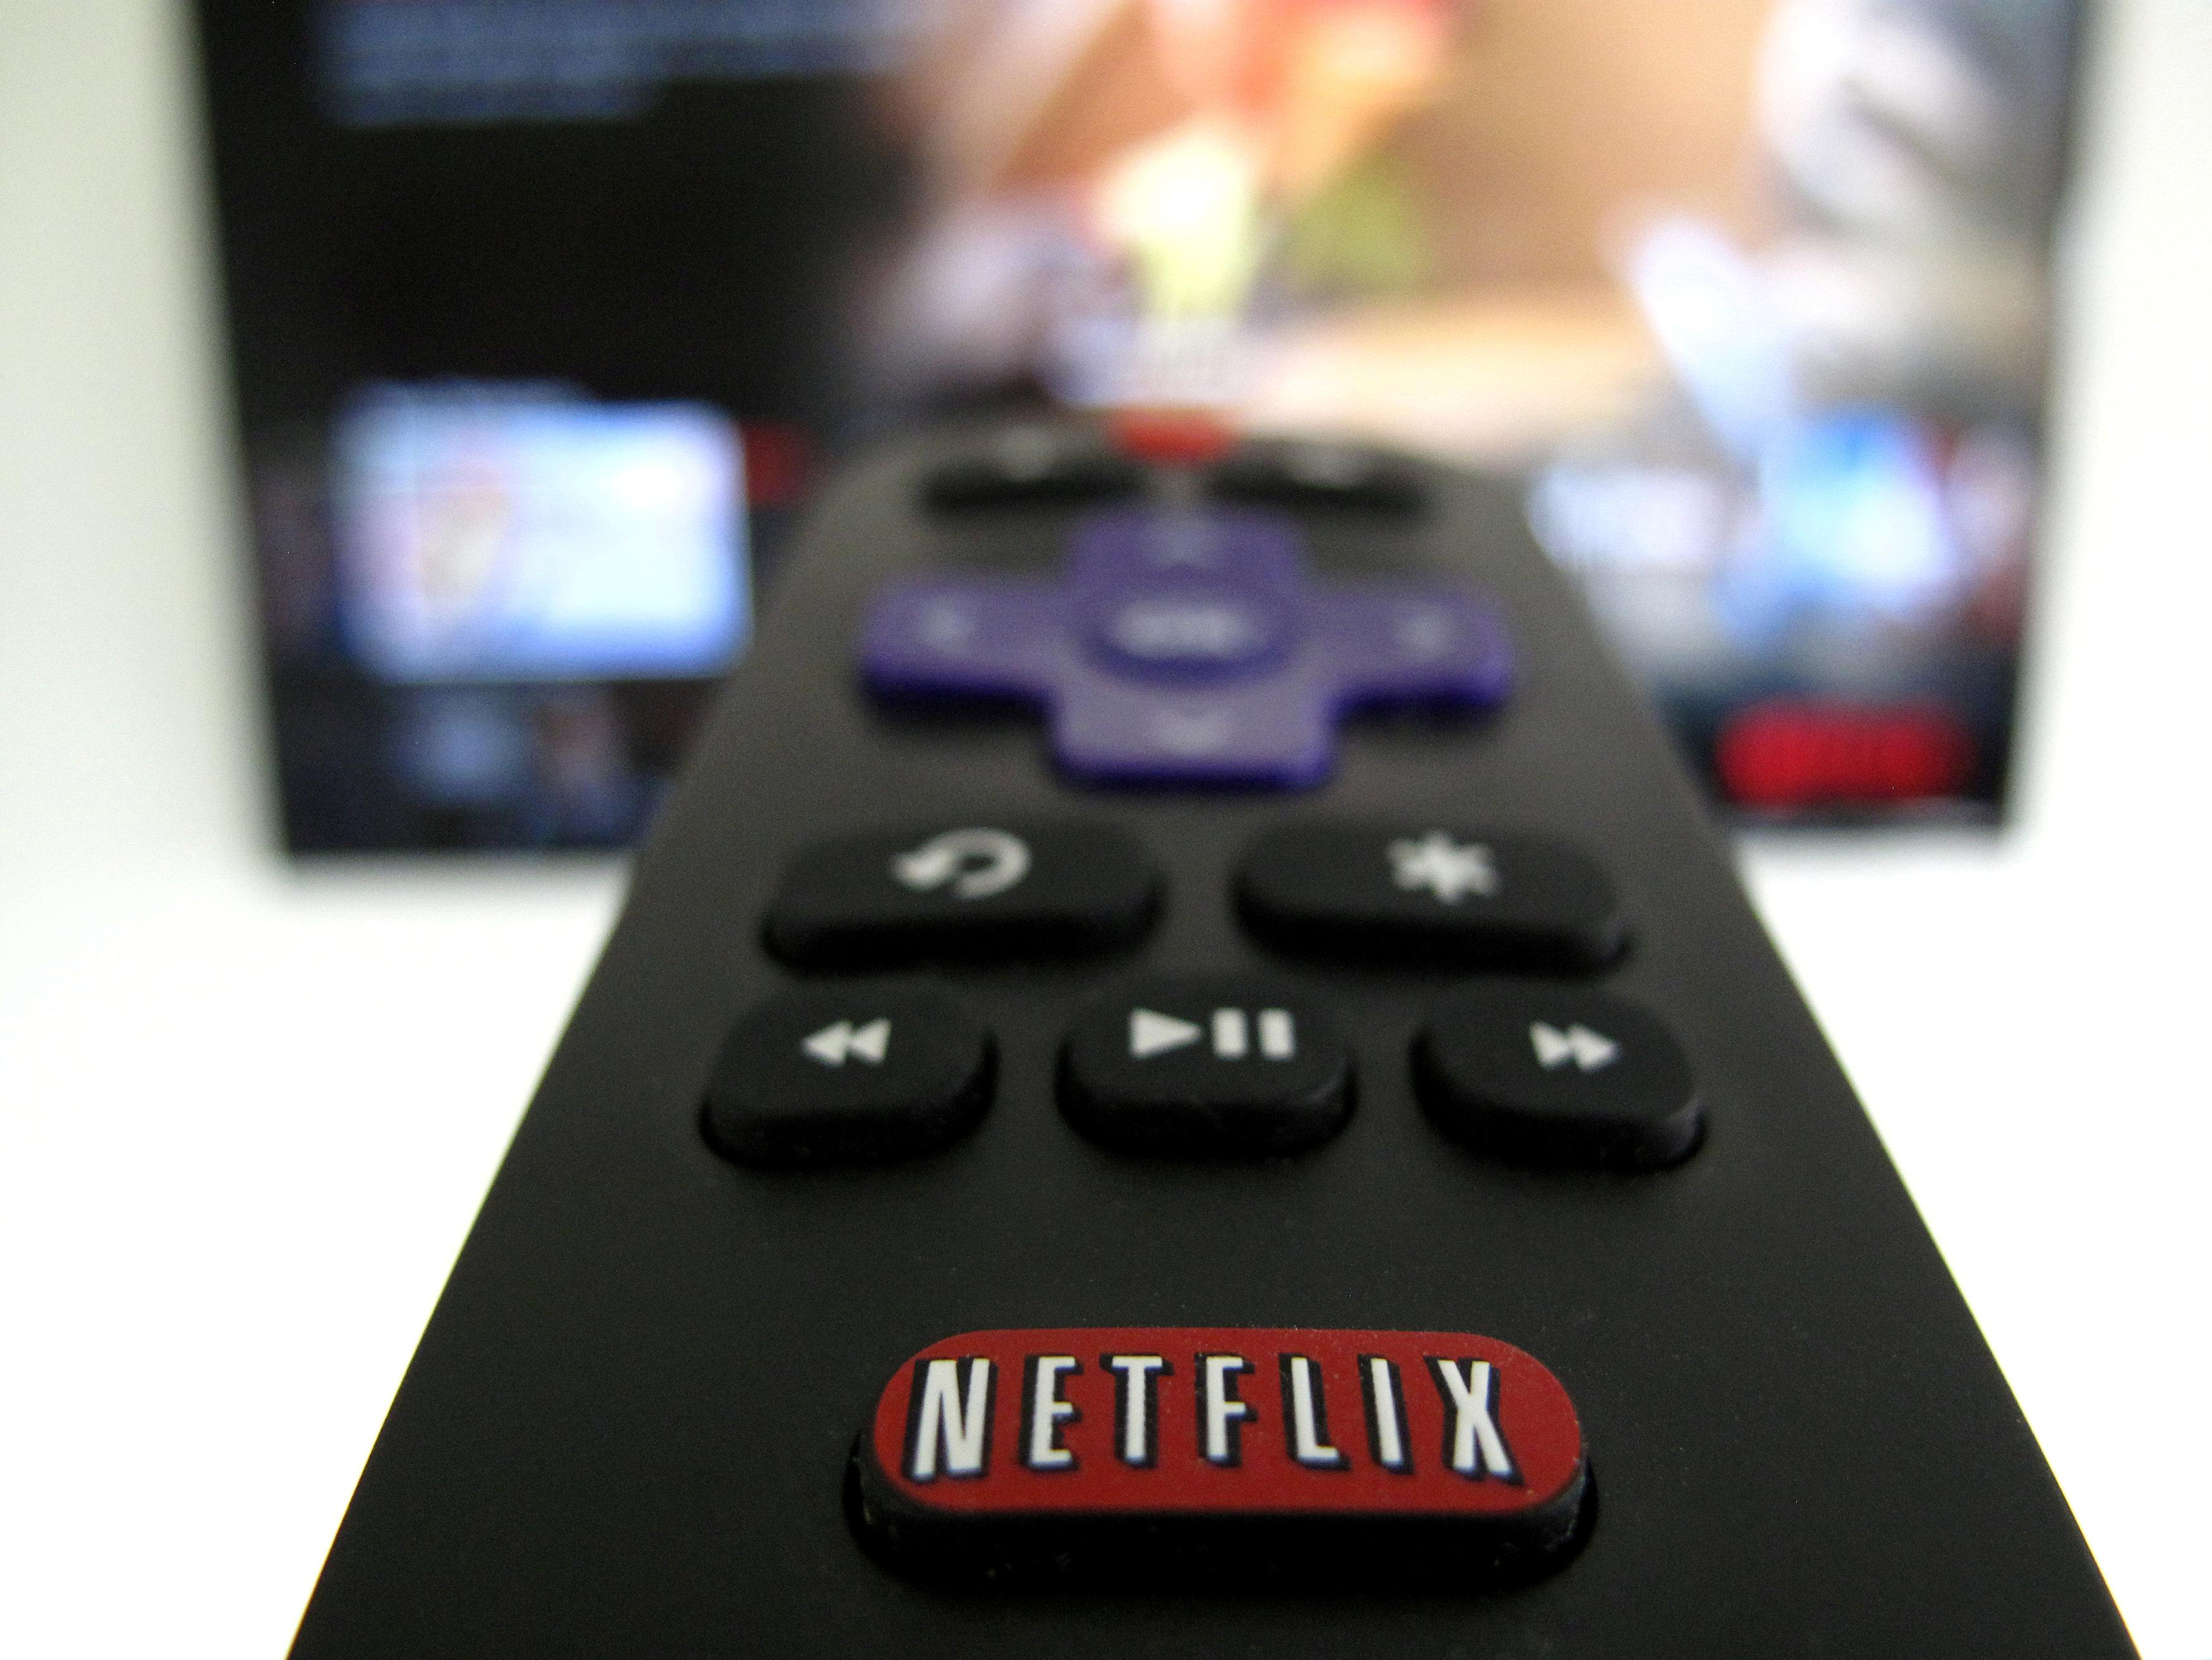 Οι ταινίες και οι σειρές που μπορείτε να δείτε ΔΩΡΕΑΝ στο Netflix